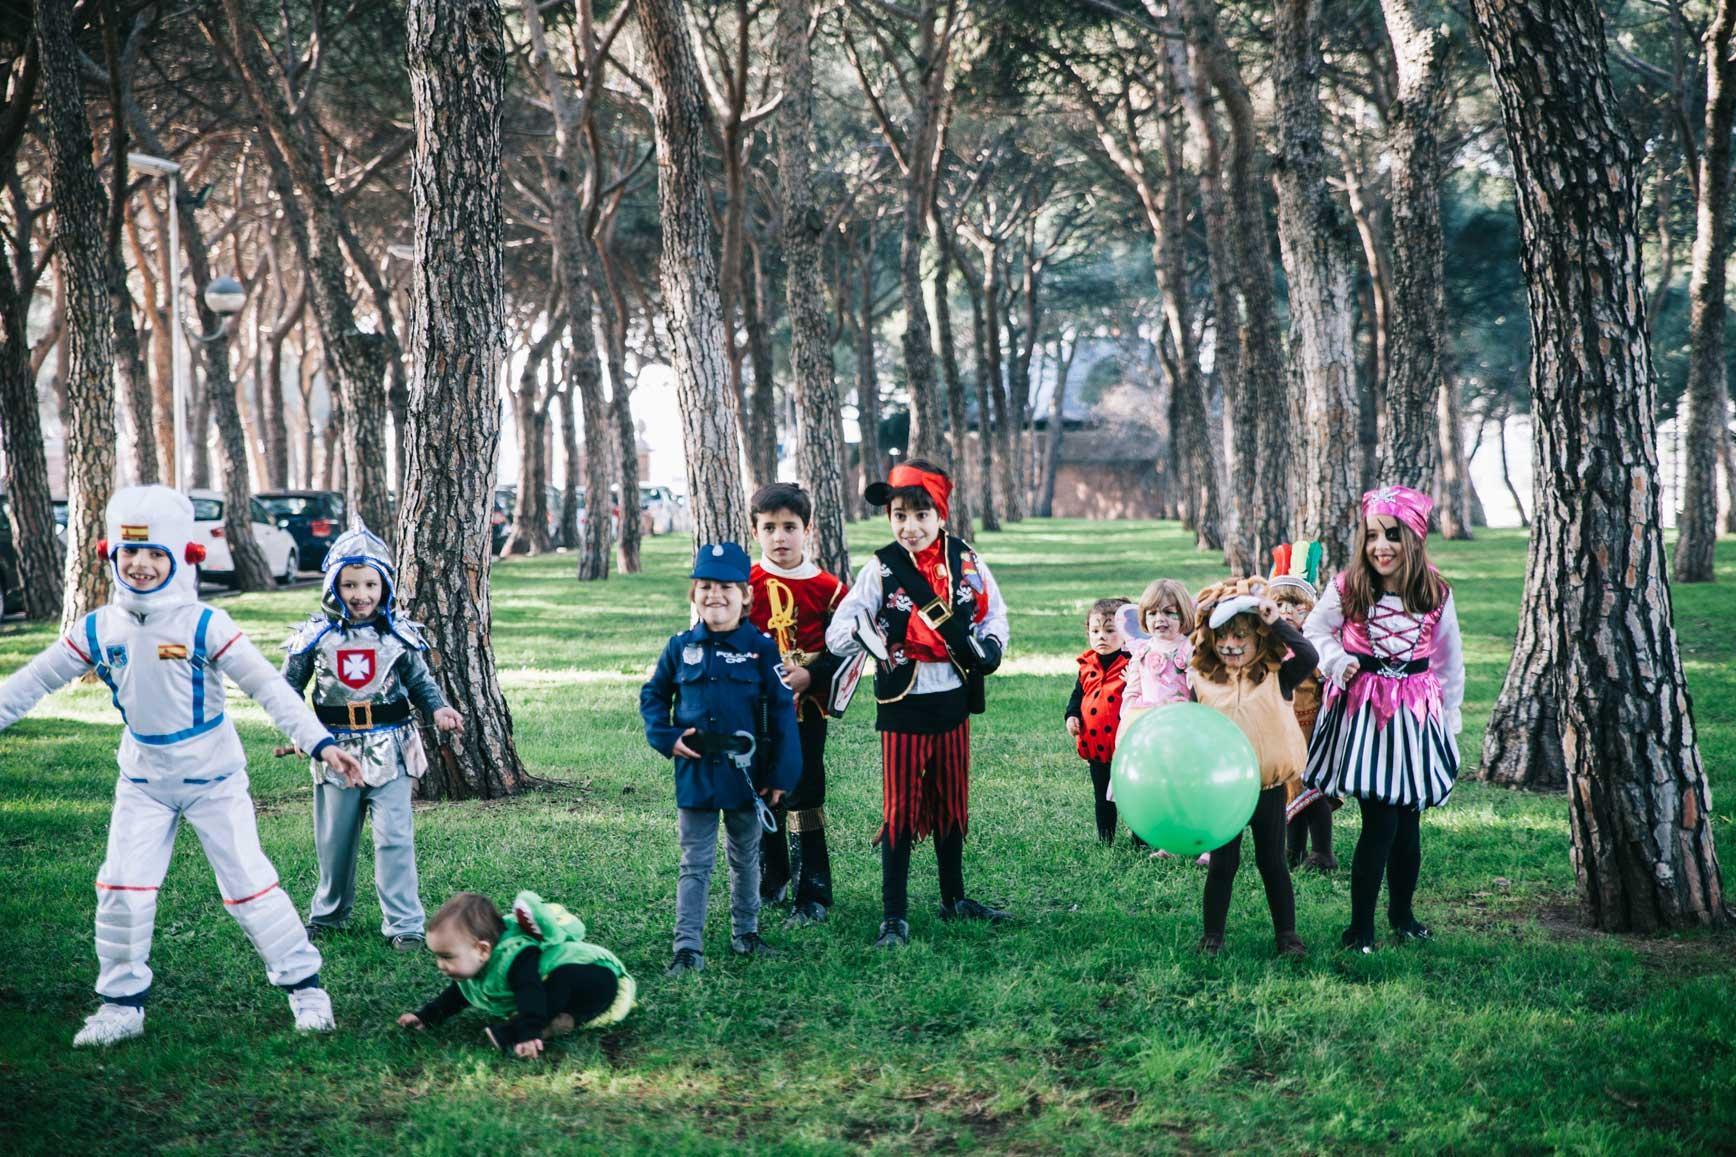 Carnaval-2017-el_corte_ingles-disfraz_09